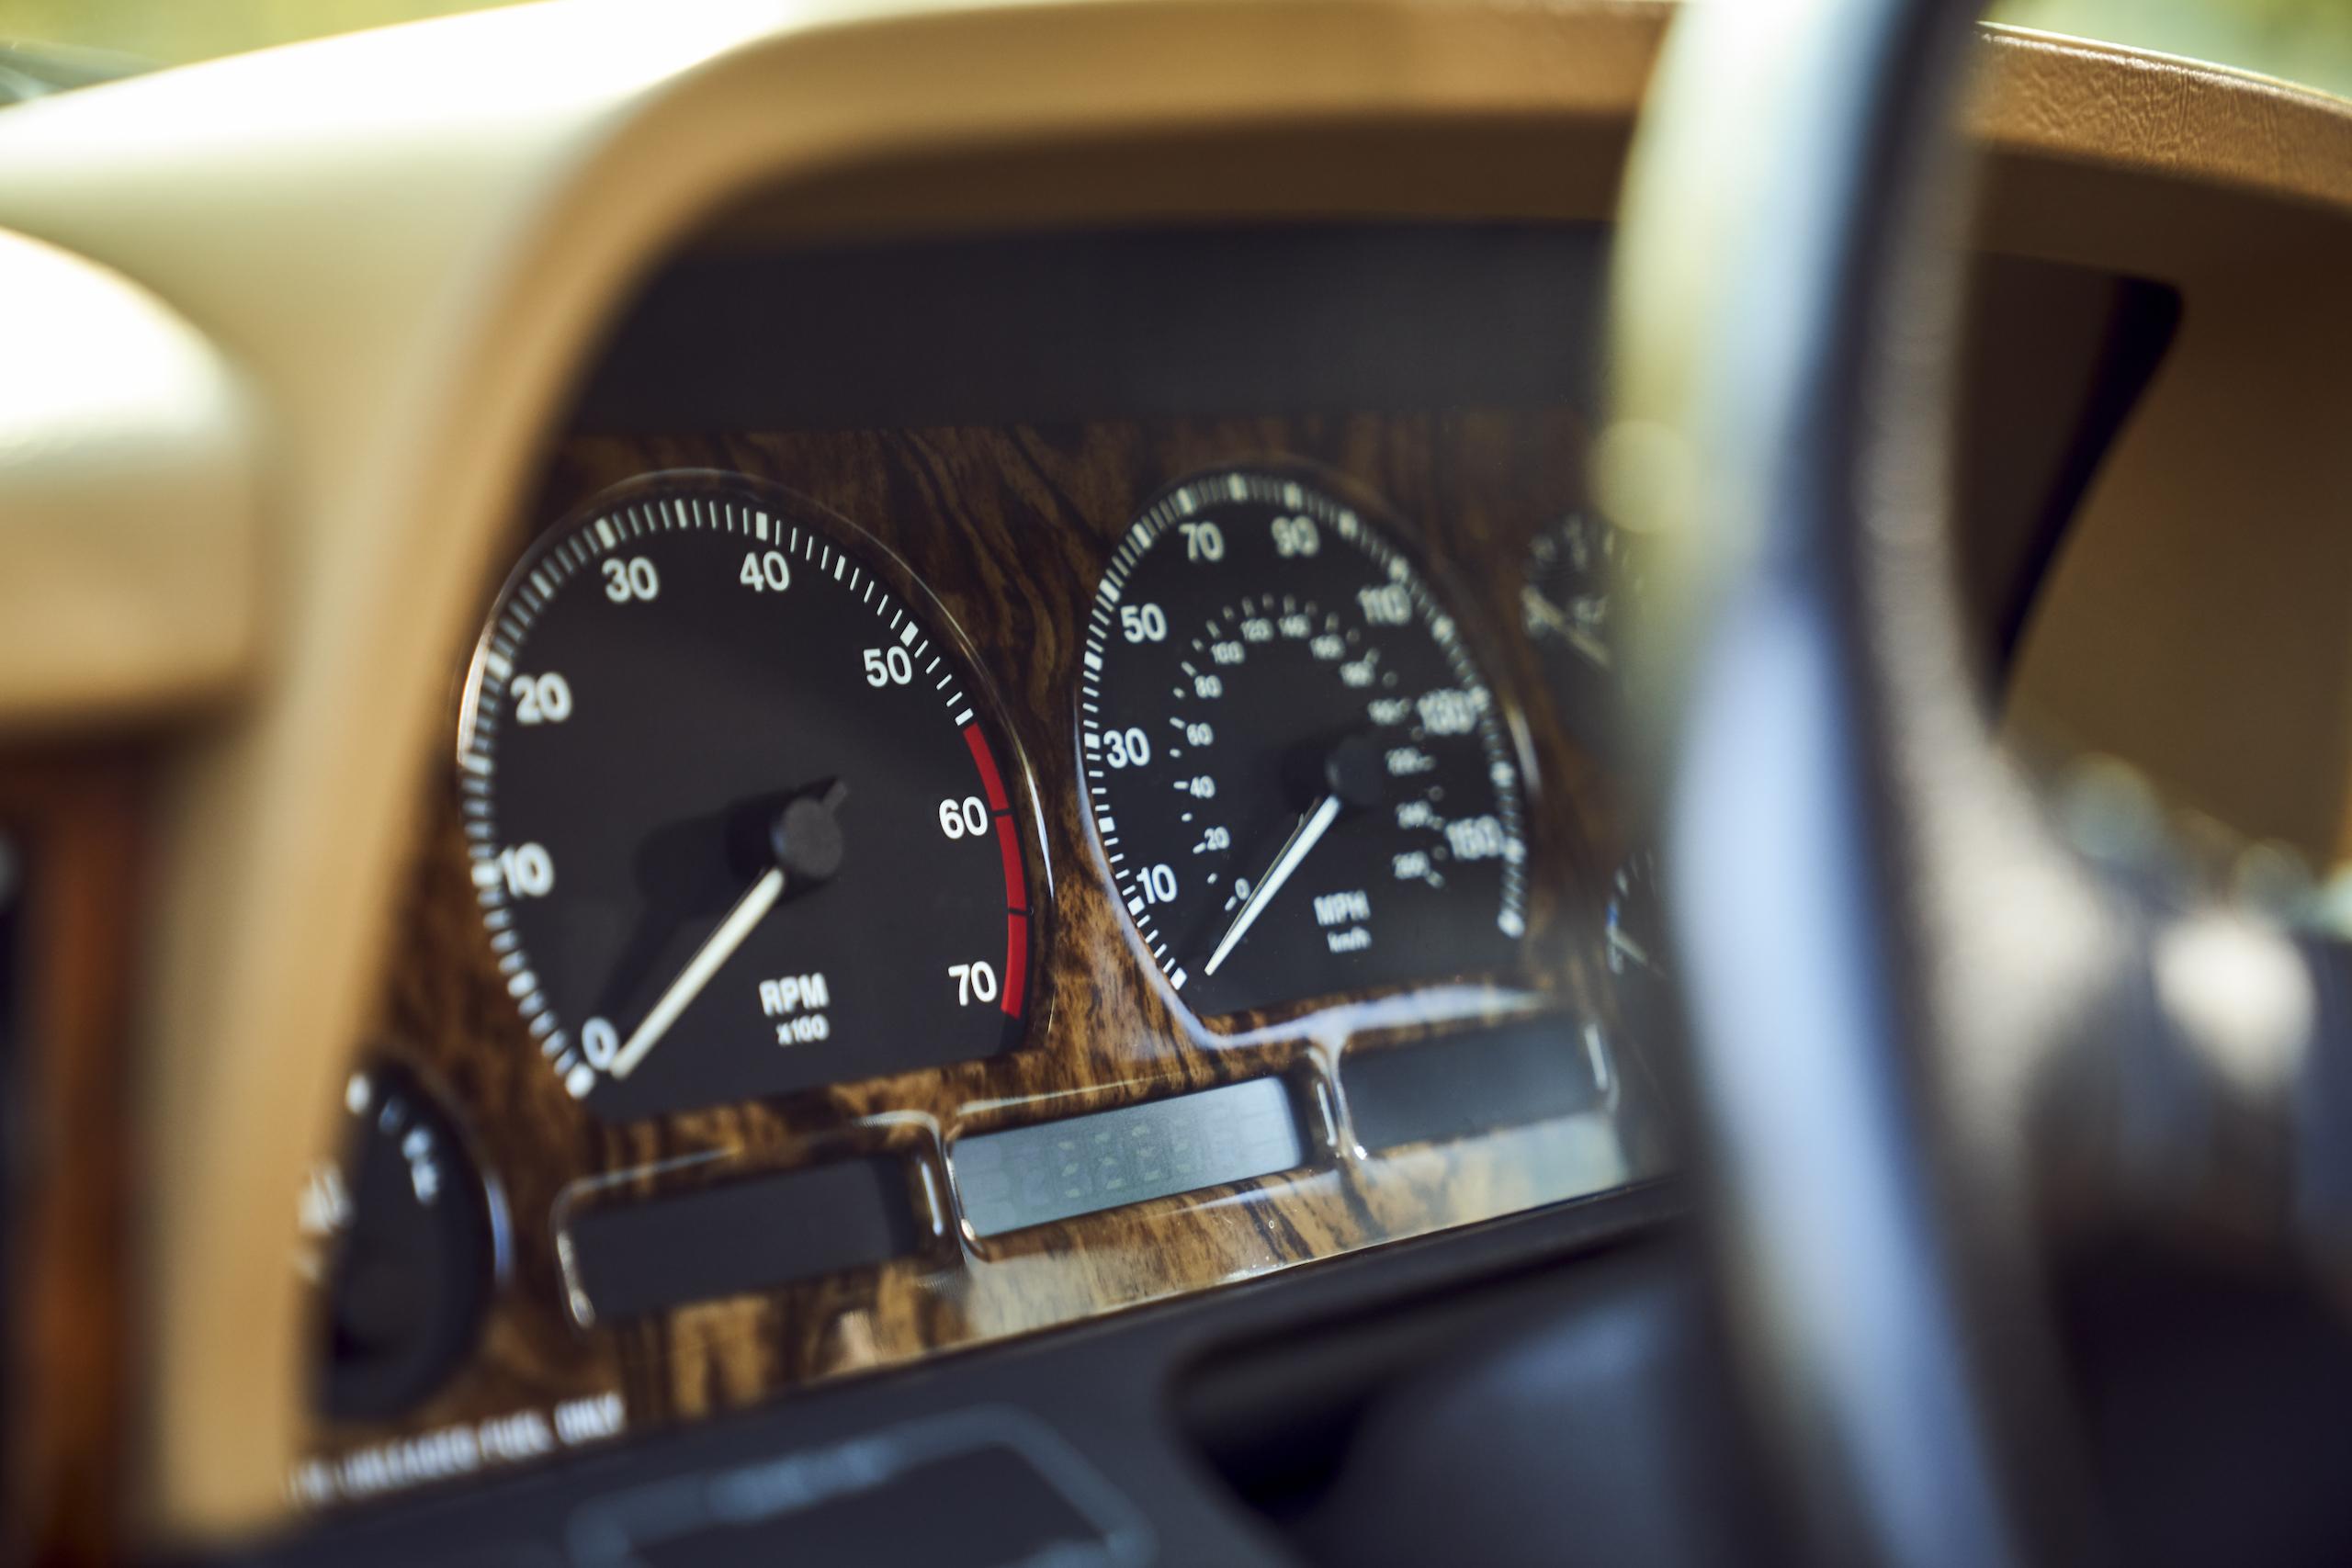 Jaguar XJ6 front dash gauges